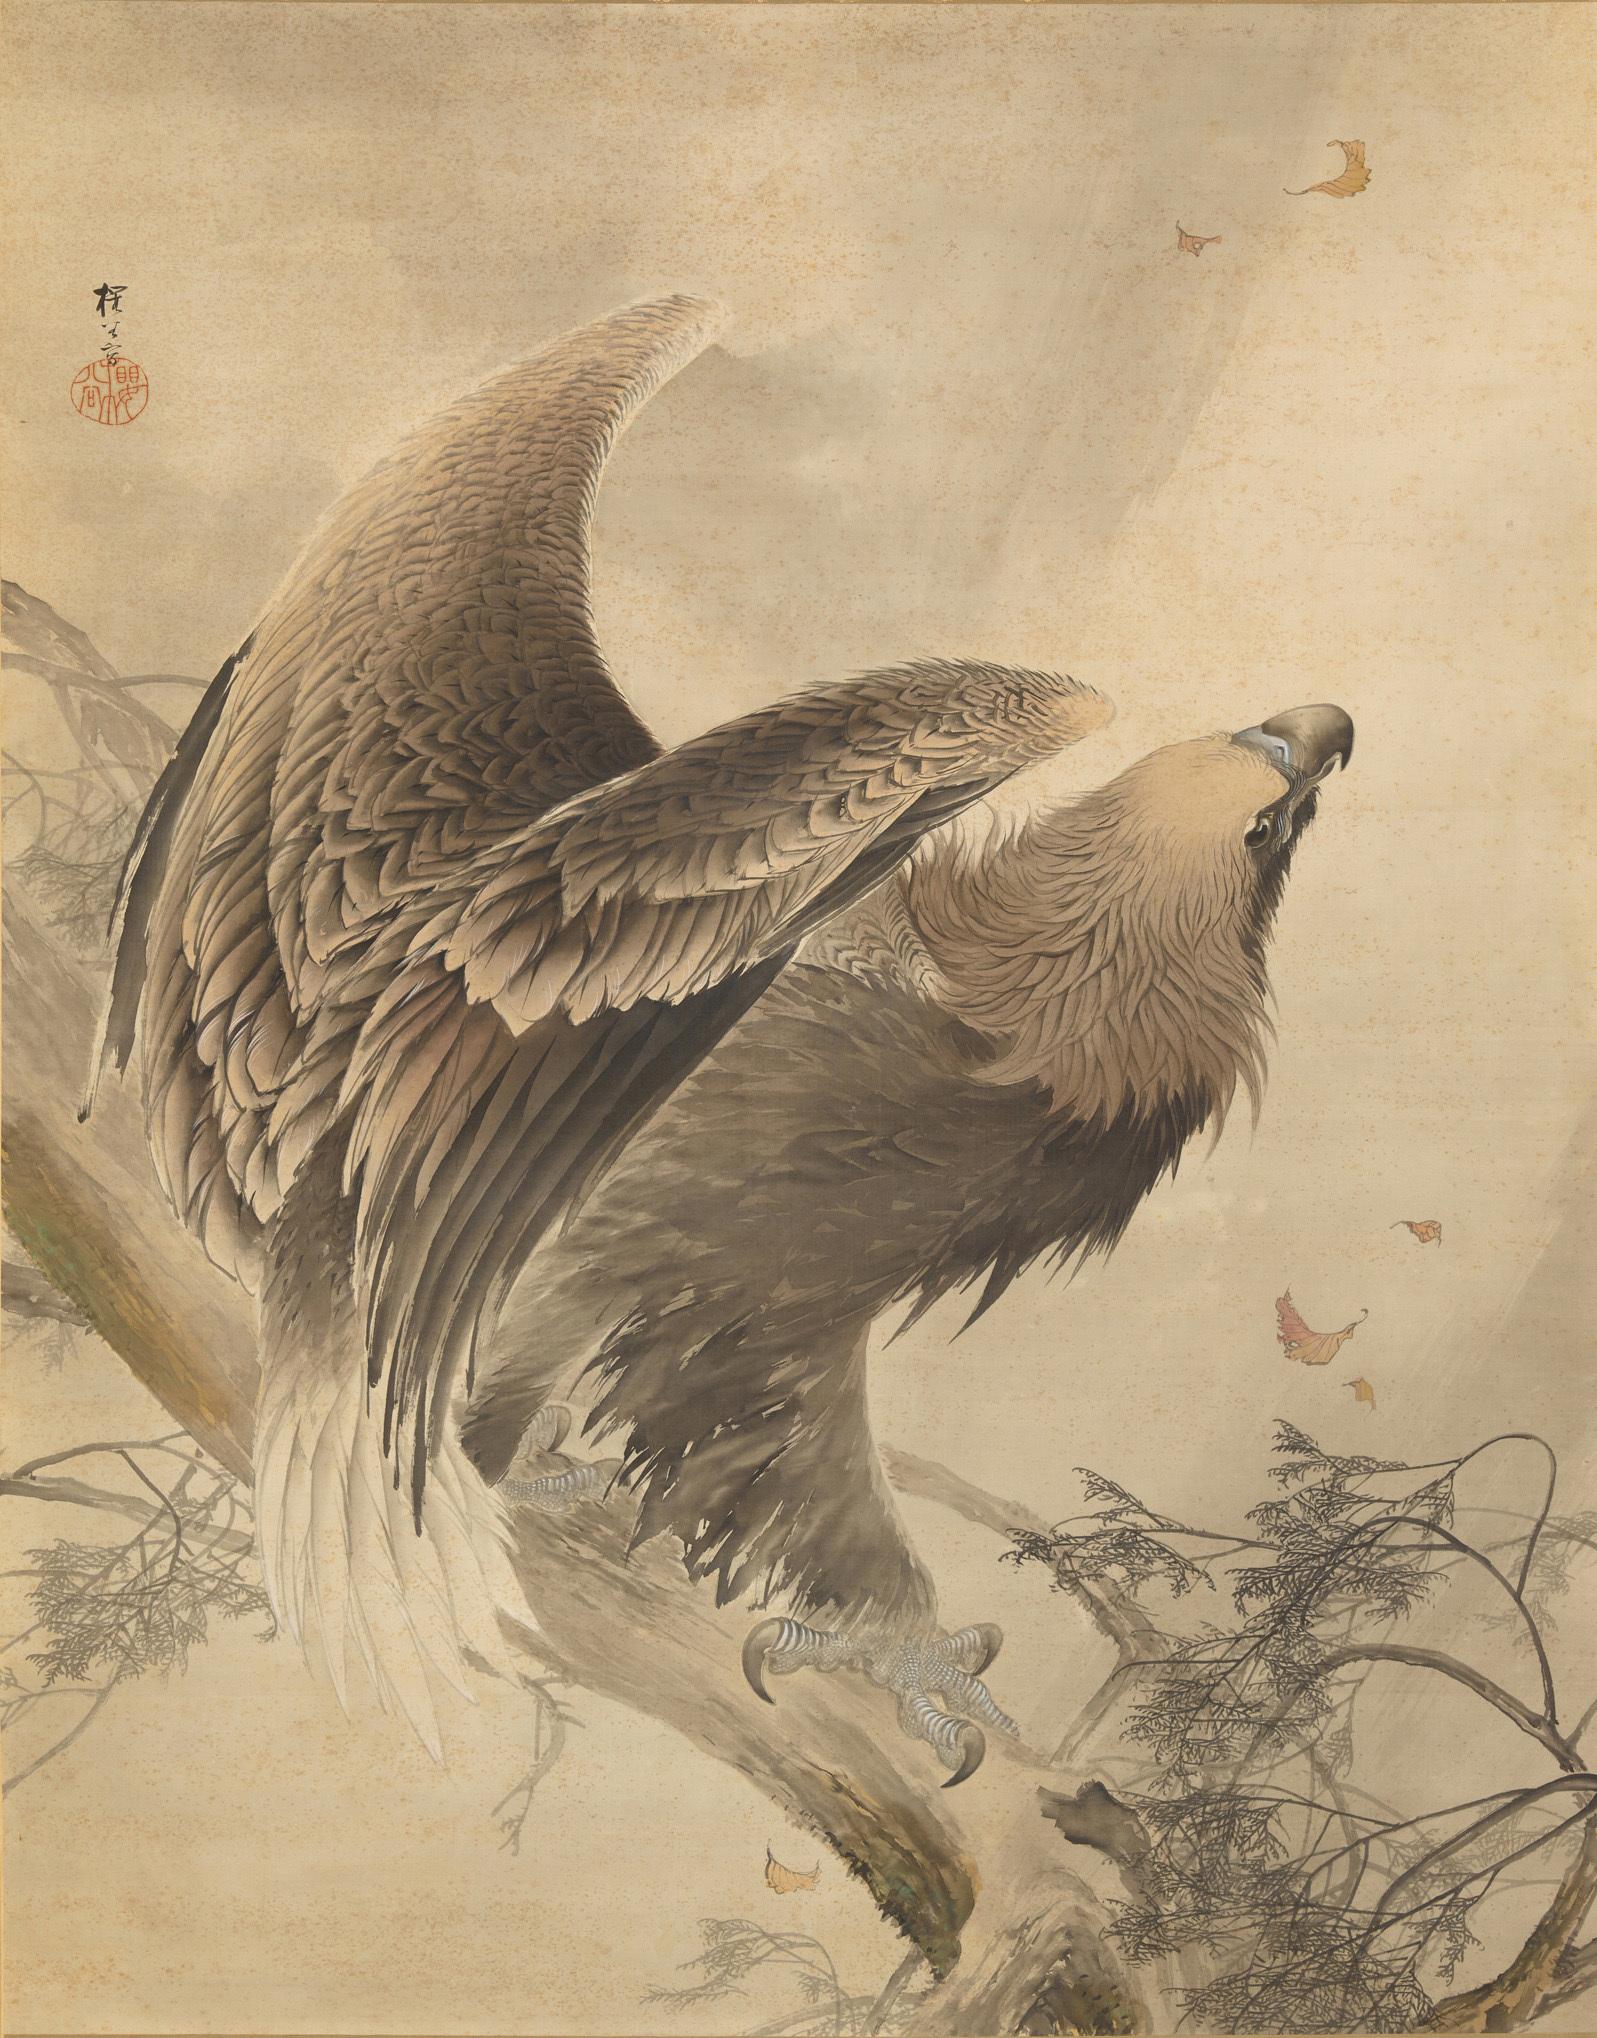 《猛鷲図》明治36年(1903) 株式会社千總蔵